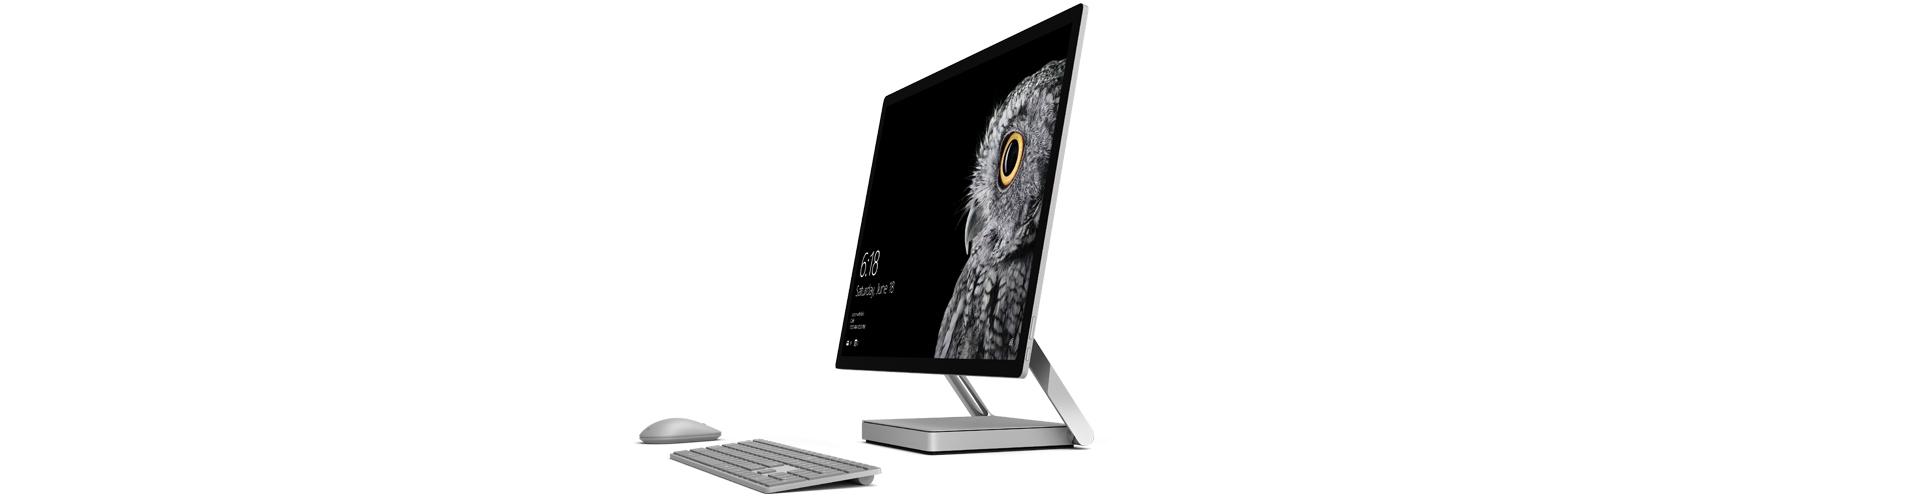 带 Surface 鼠标和键盘的直立式 Surface Studio。